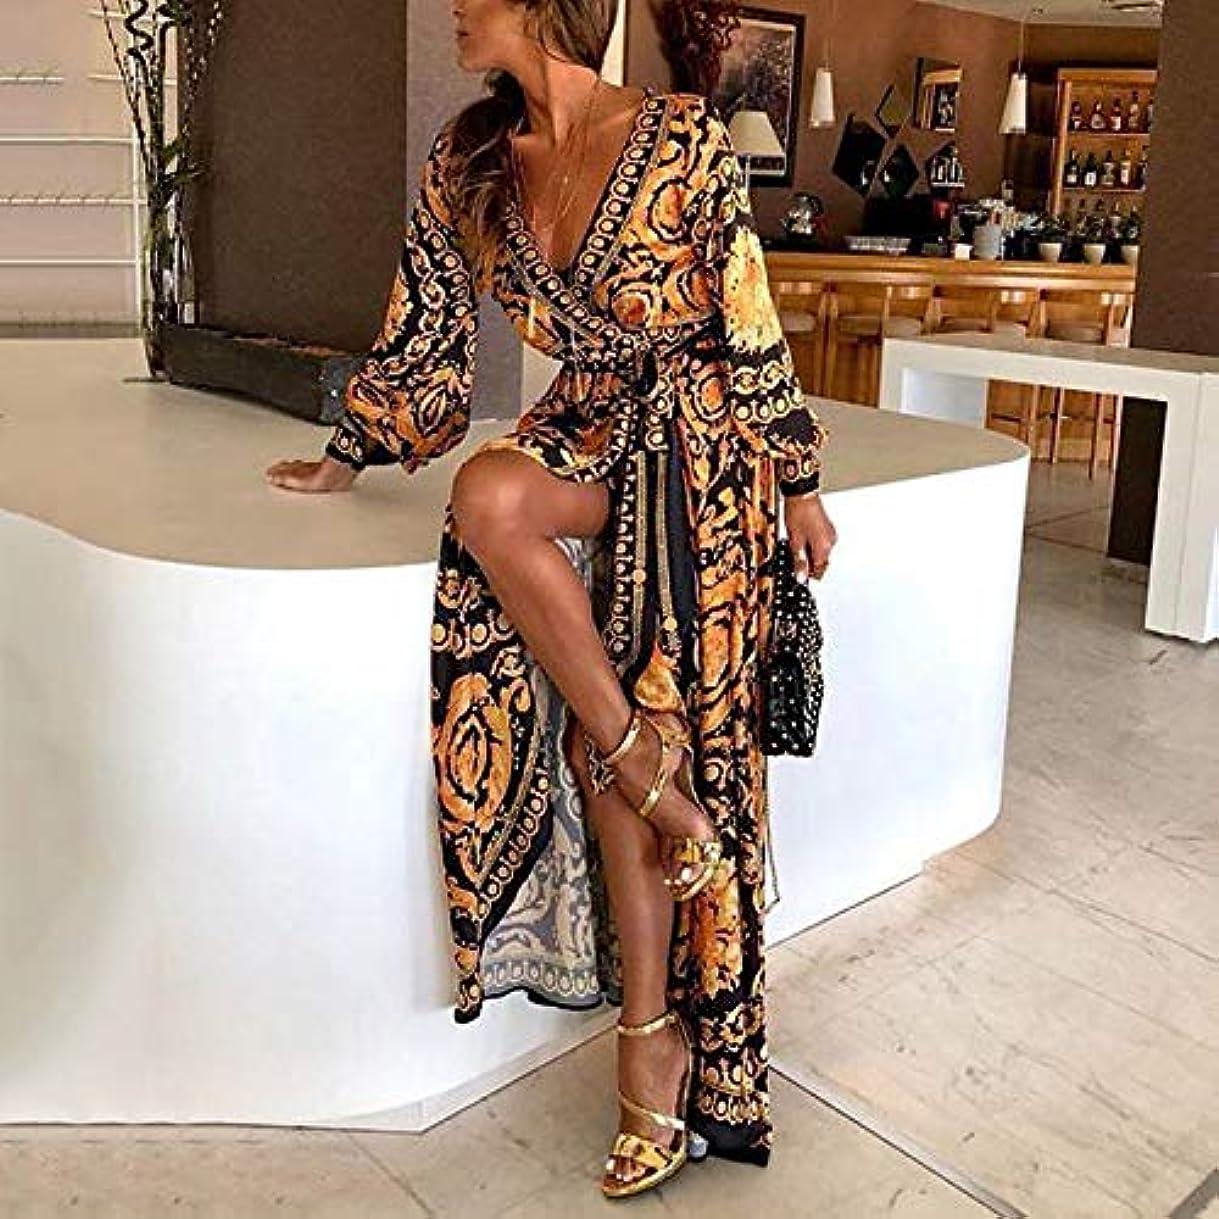 ピュー周辺キャンセルOnderroa - ファッションエレガントな女性のセクシーなボートネックグリッターディープVネックドレスパーティーフォーマルロングドレスを印刷